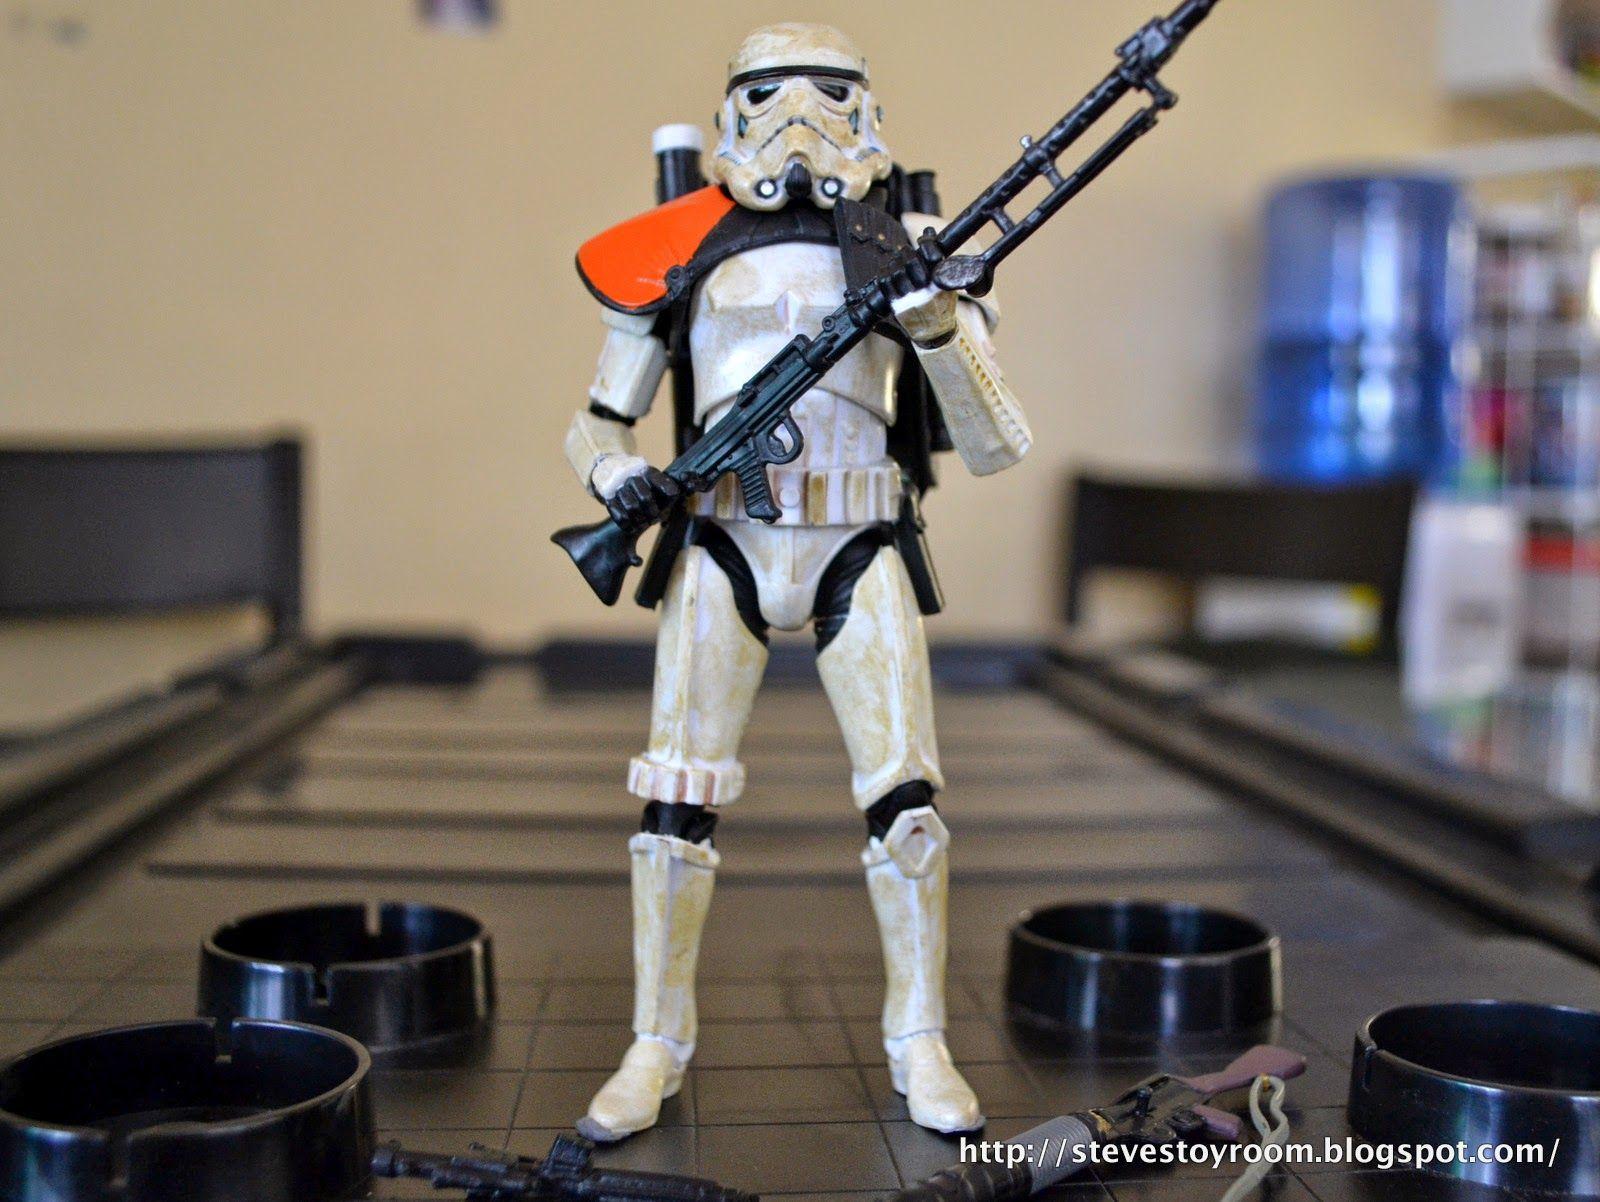 """Steve's Toy Room: Sandtrooper 6"""" Star Wars Black Series from Hasbro"""